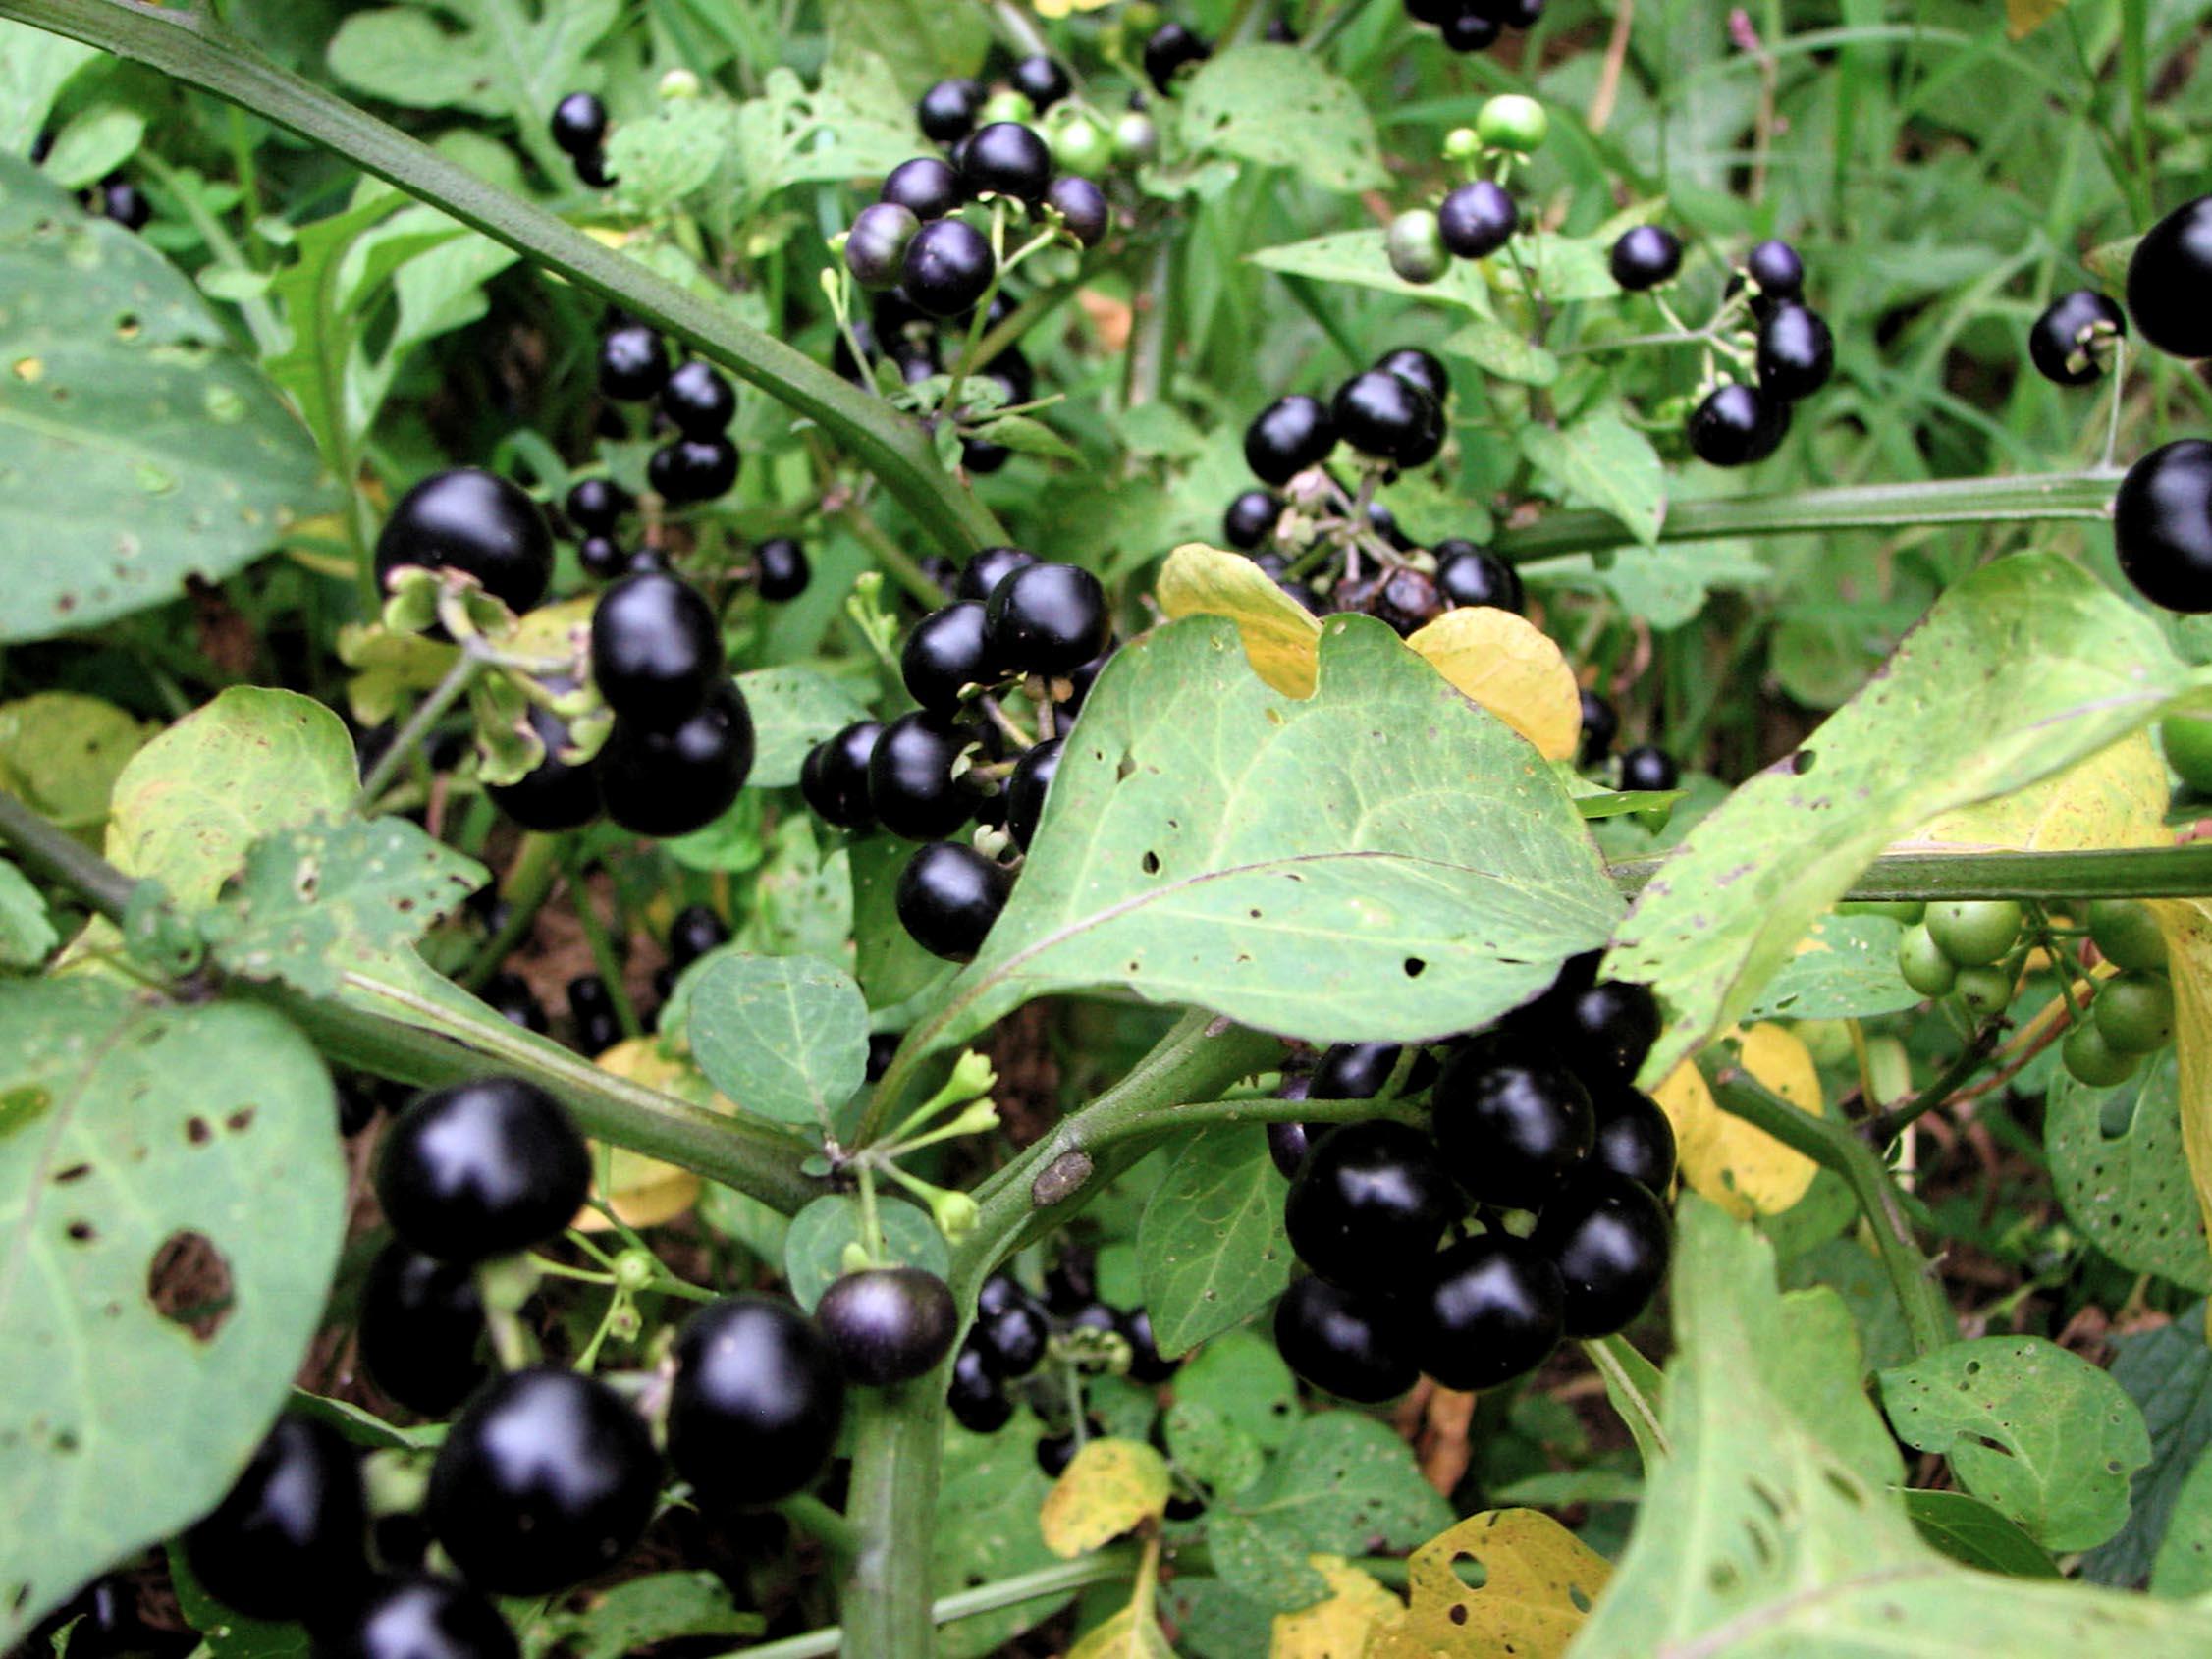 Sodo mėlynių auginimas